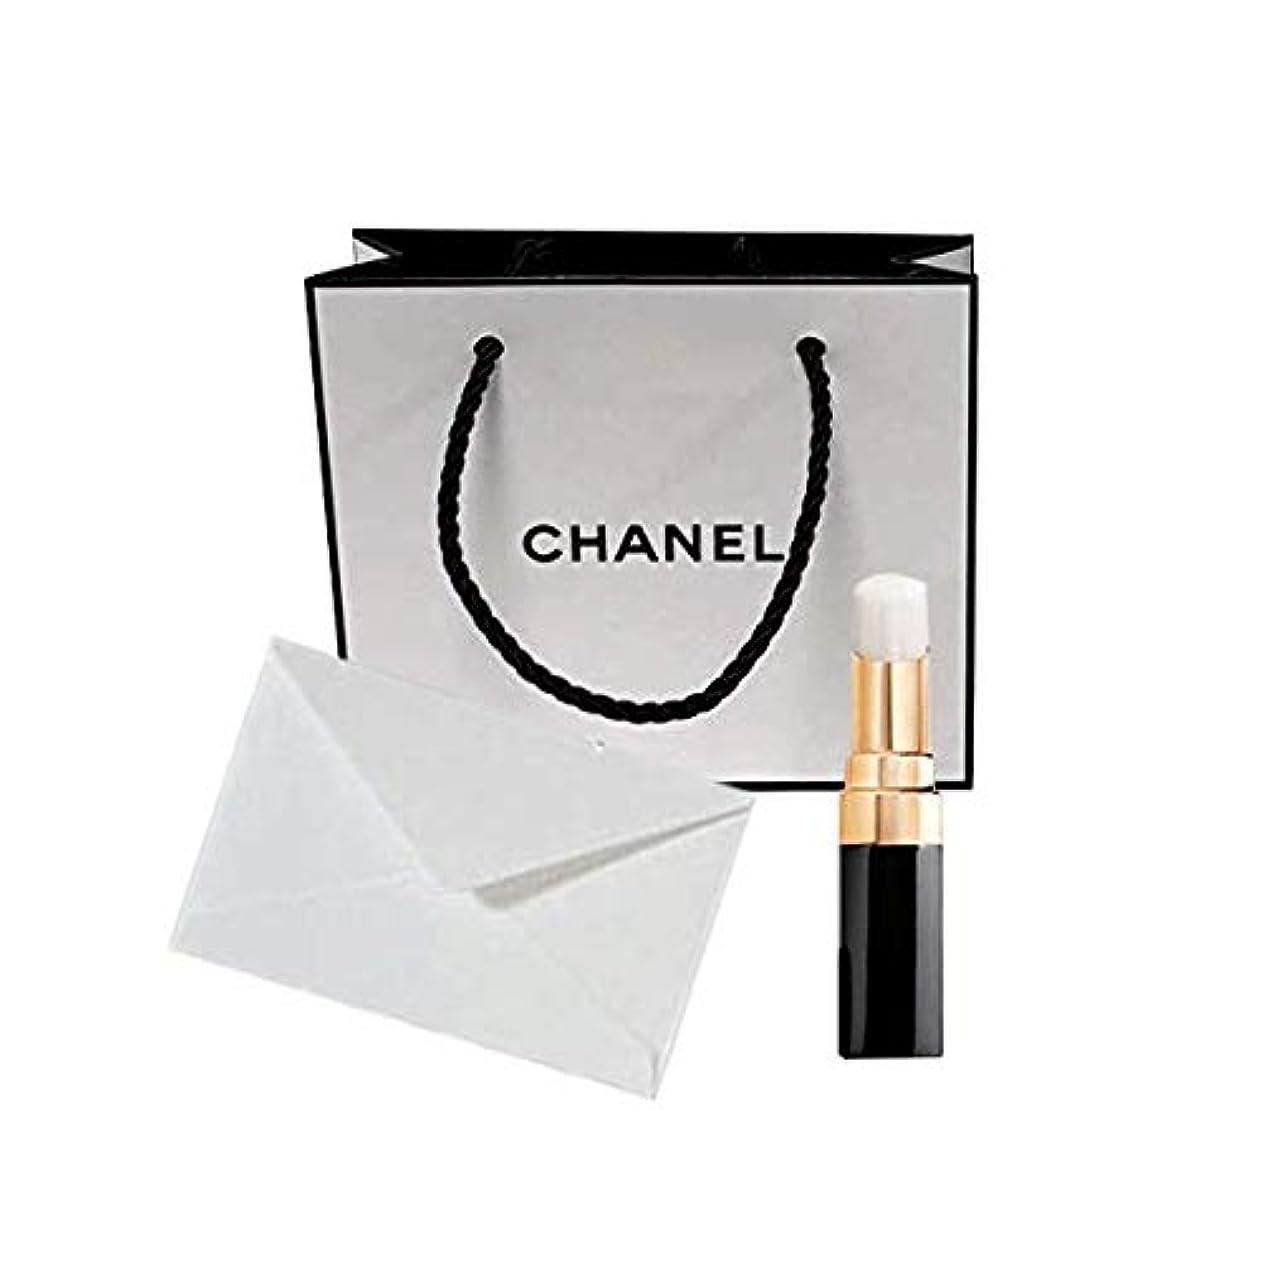 容疑者昇進手紙を書くCHANEL シャネル ルージュ ココ ボーム